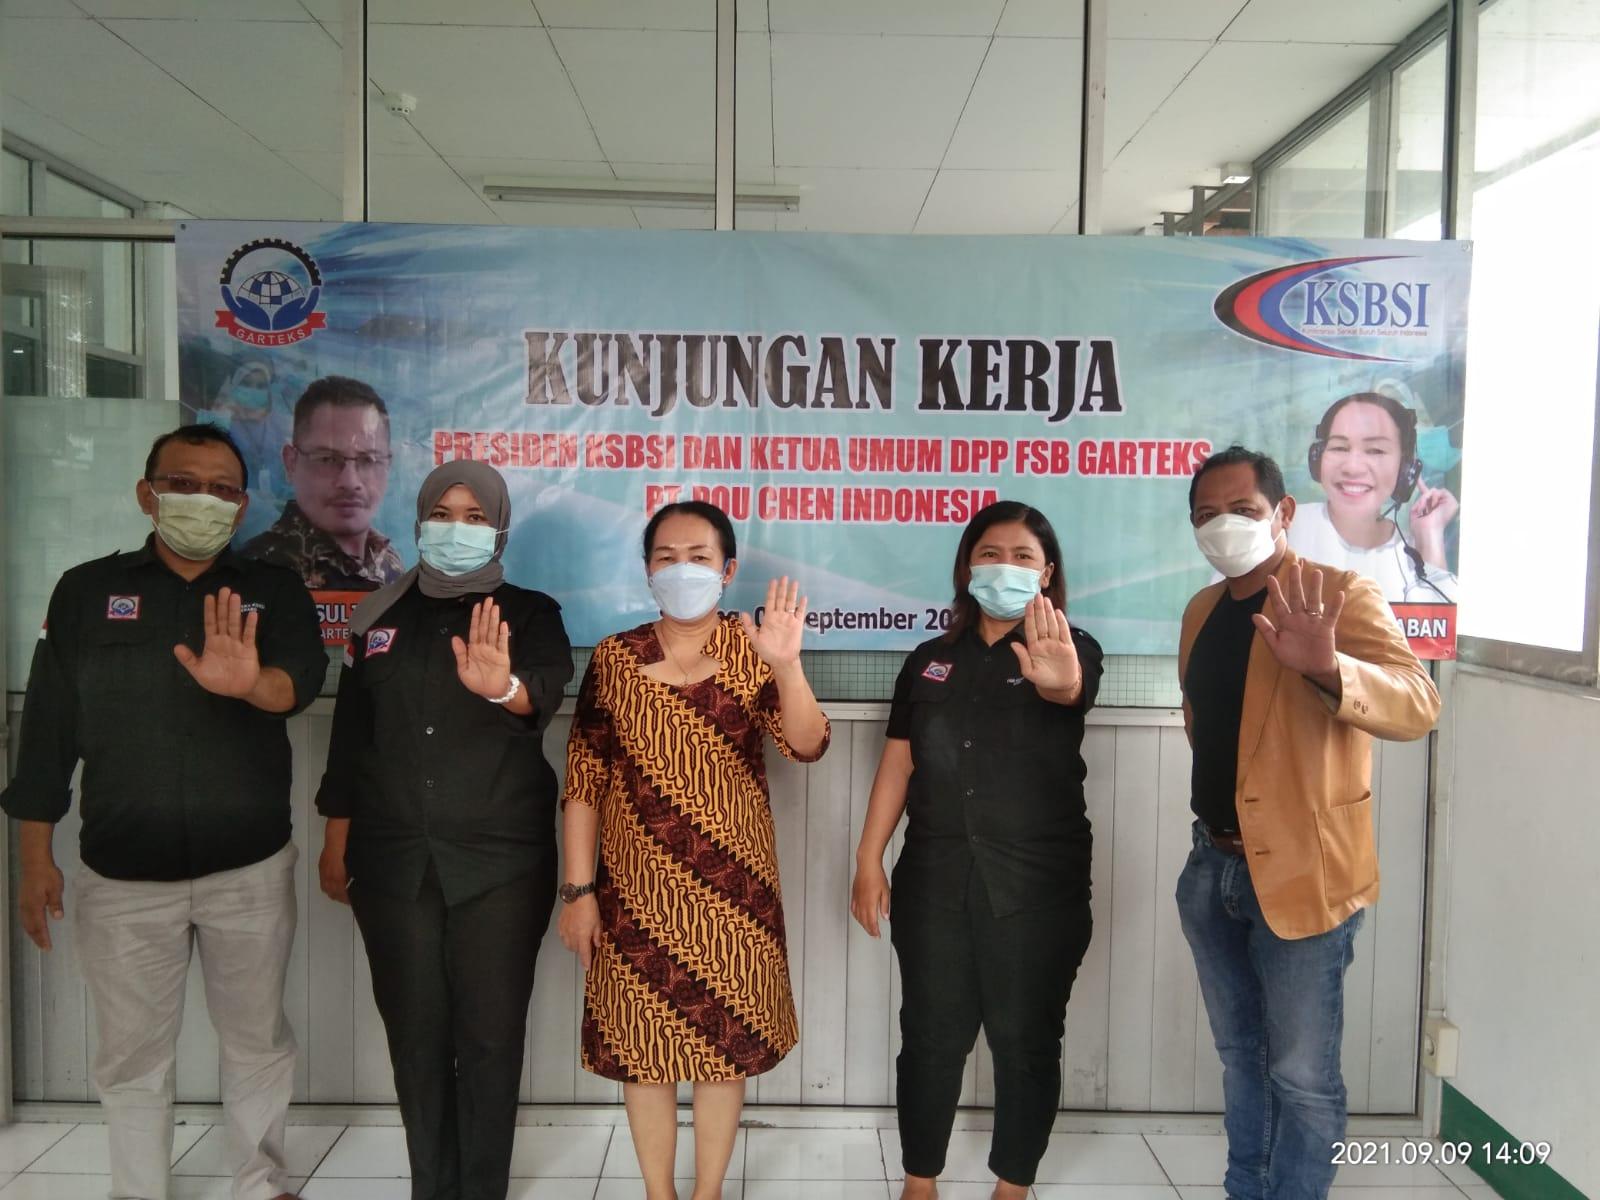 Gambar Konsolidasi Anggota di Tingkat PK, Den KSBSI dan Ketum Garteks Berkunjung di PK Garteks PT. Pou Chen Indonesia 1